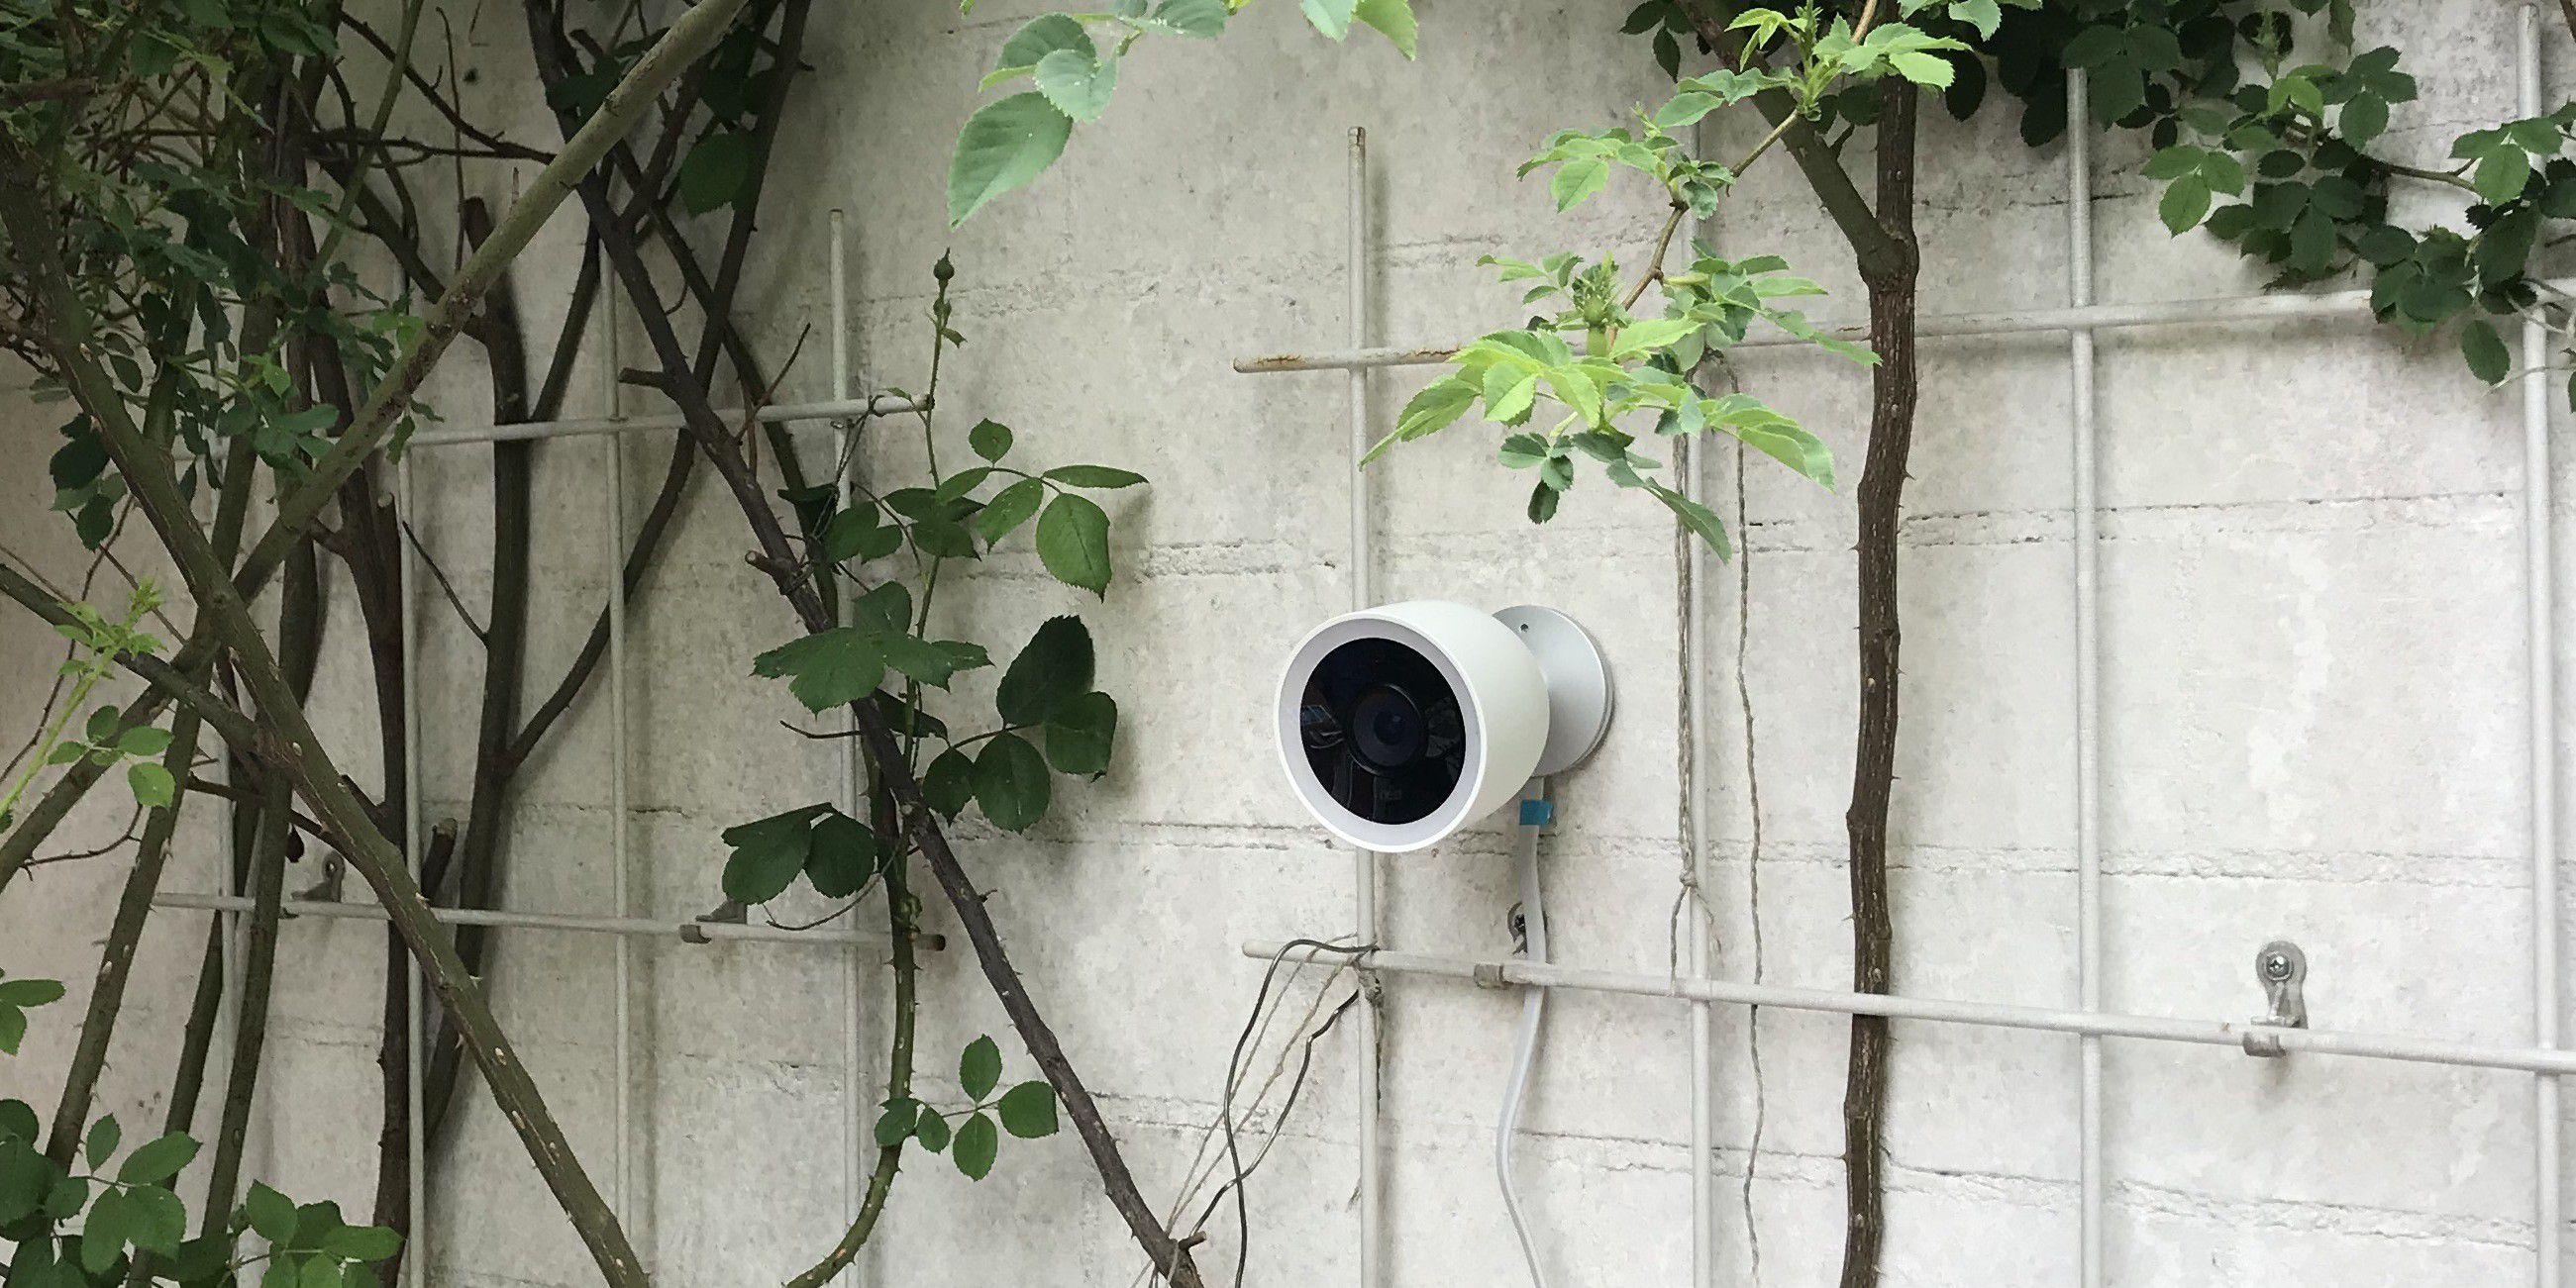 Die besten smarten Überwachungskameras - PC-WELT